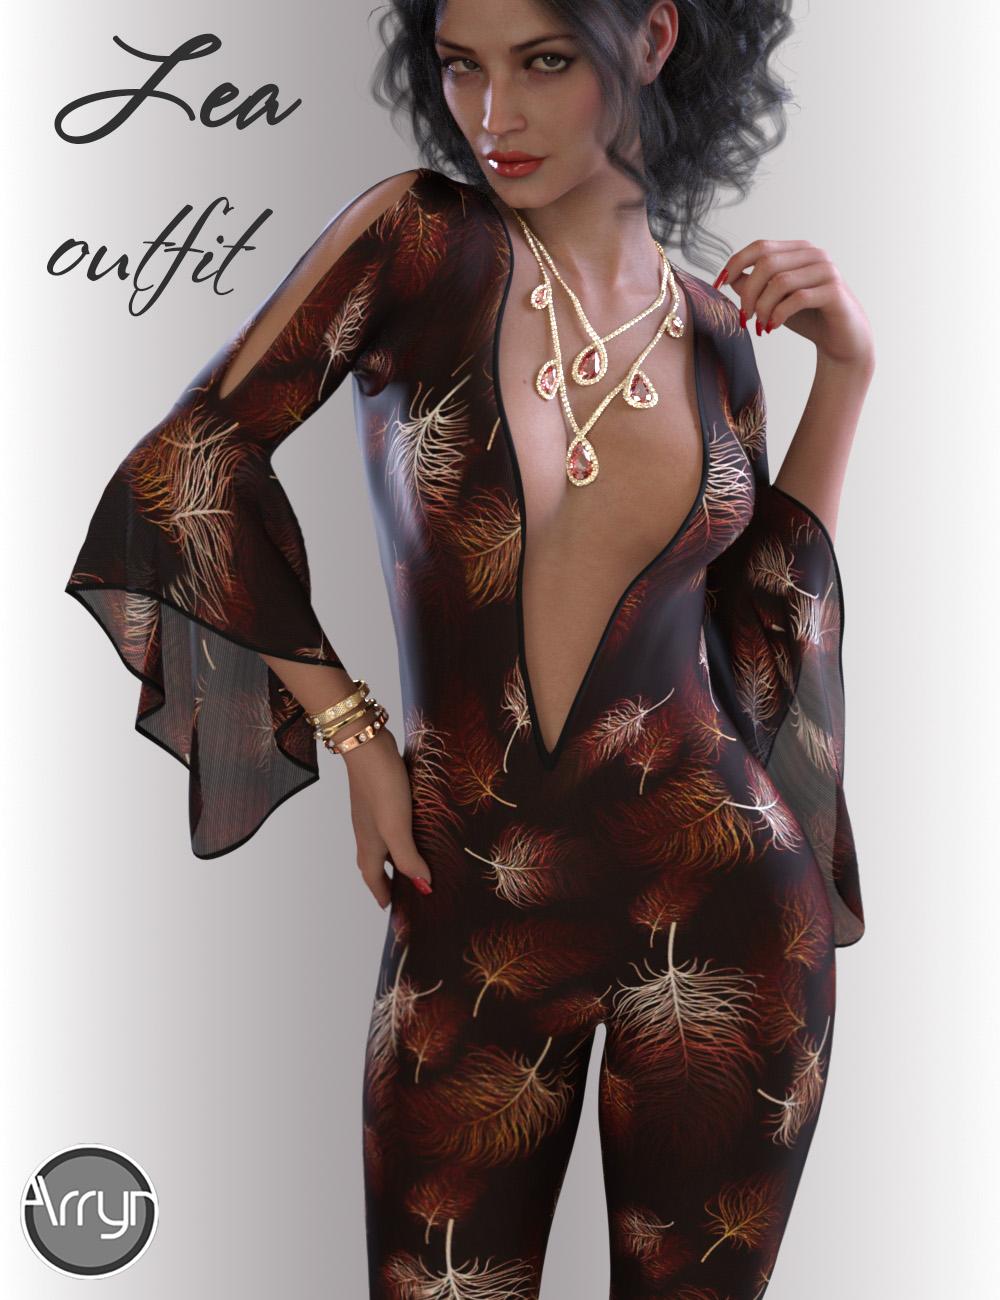 dForce Lea Homewear Outfit for Genesis 8.1 Females by: OnnelArryn, 3D Models by Daz 3D